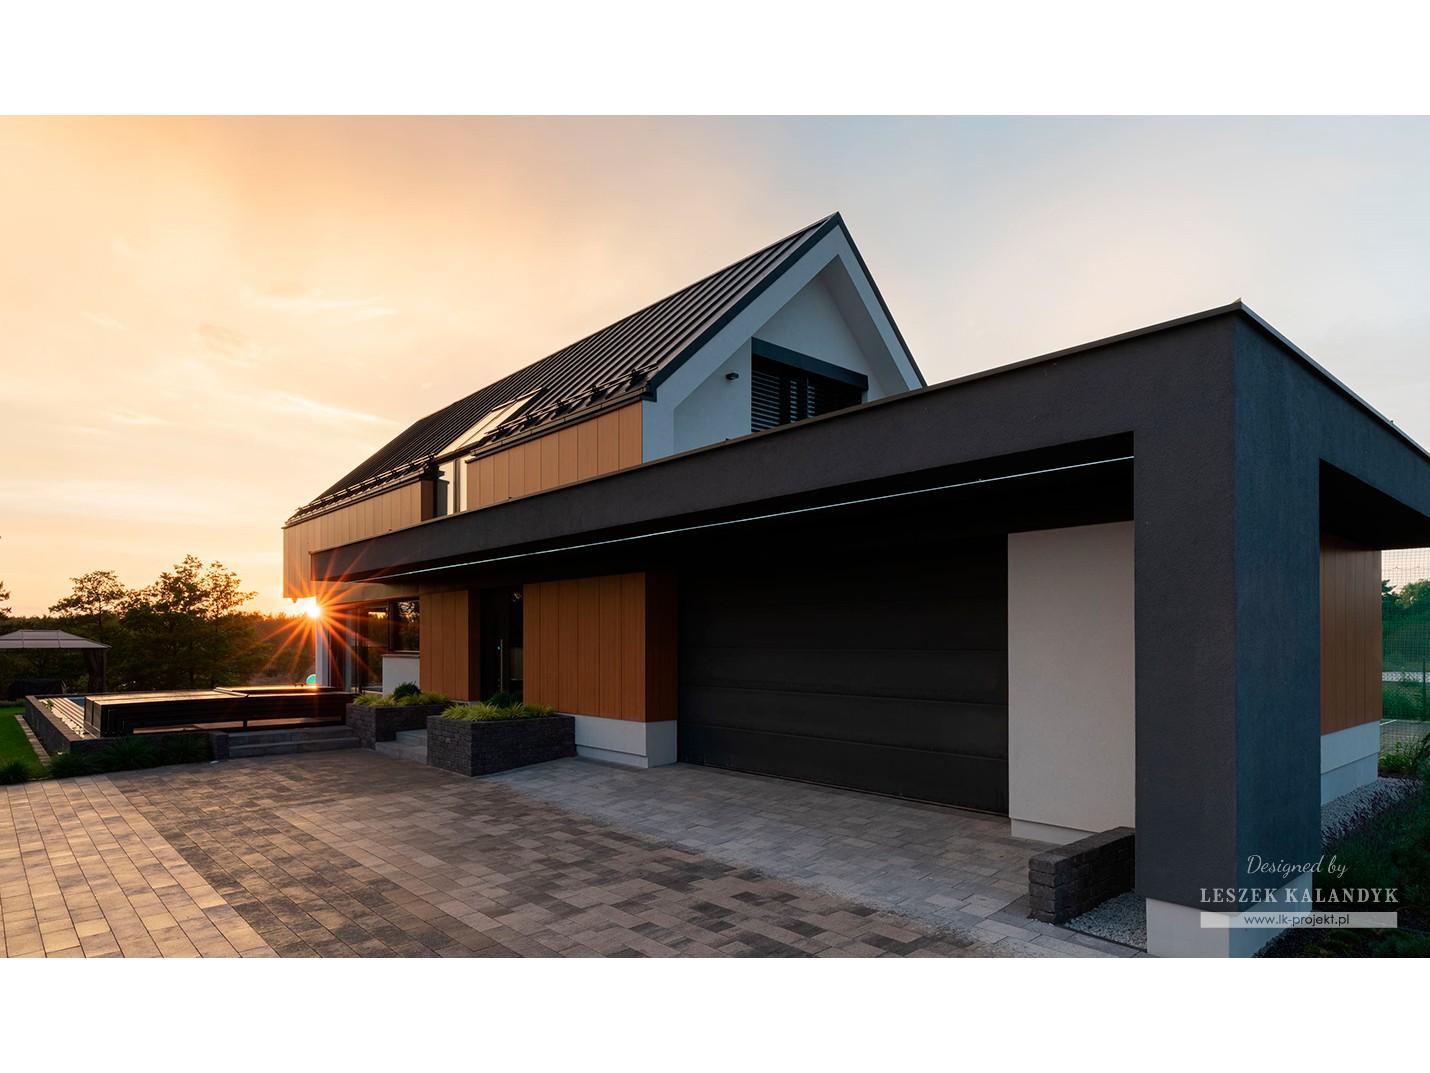 Projekt domu LK&1373